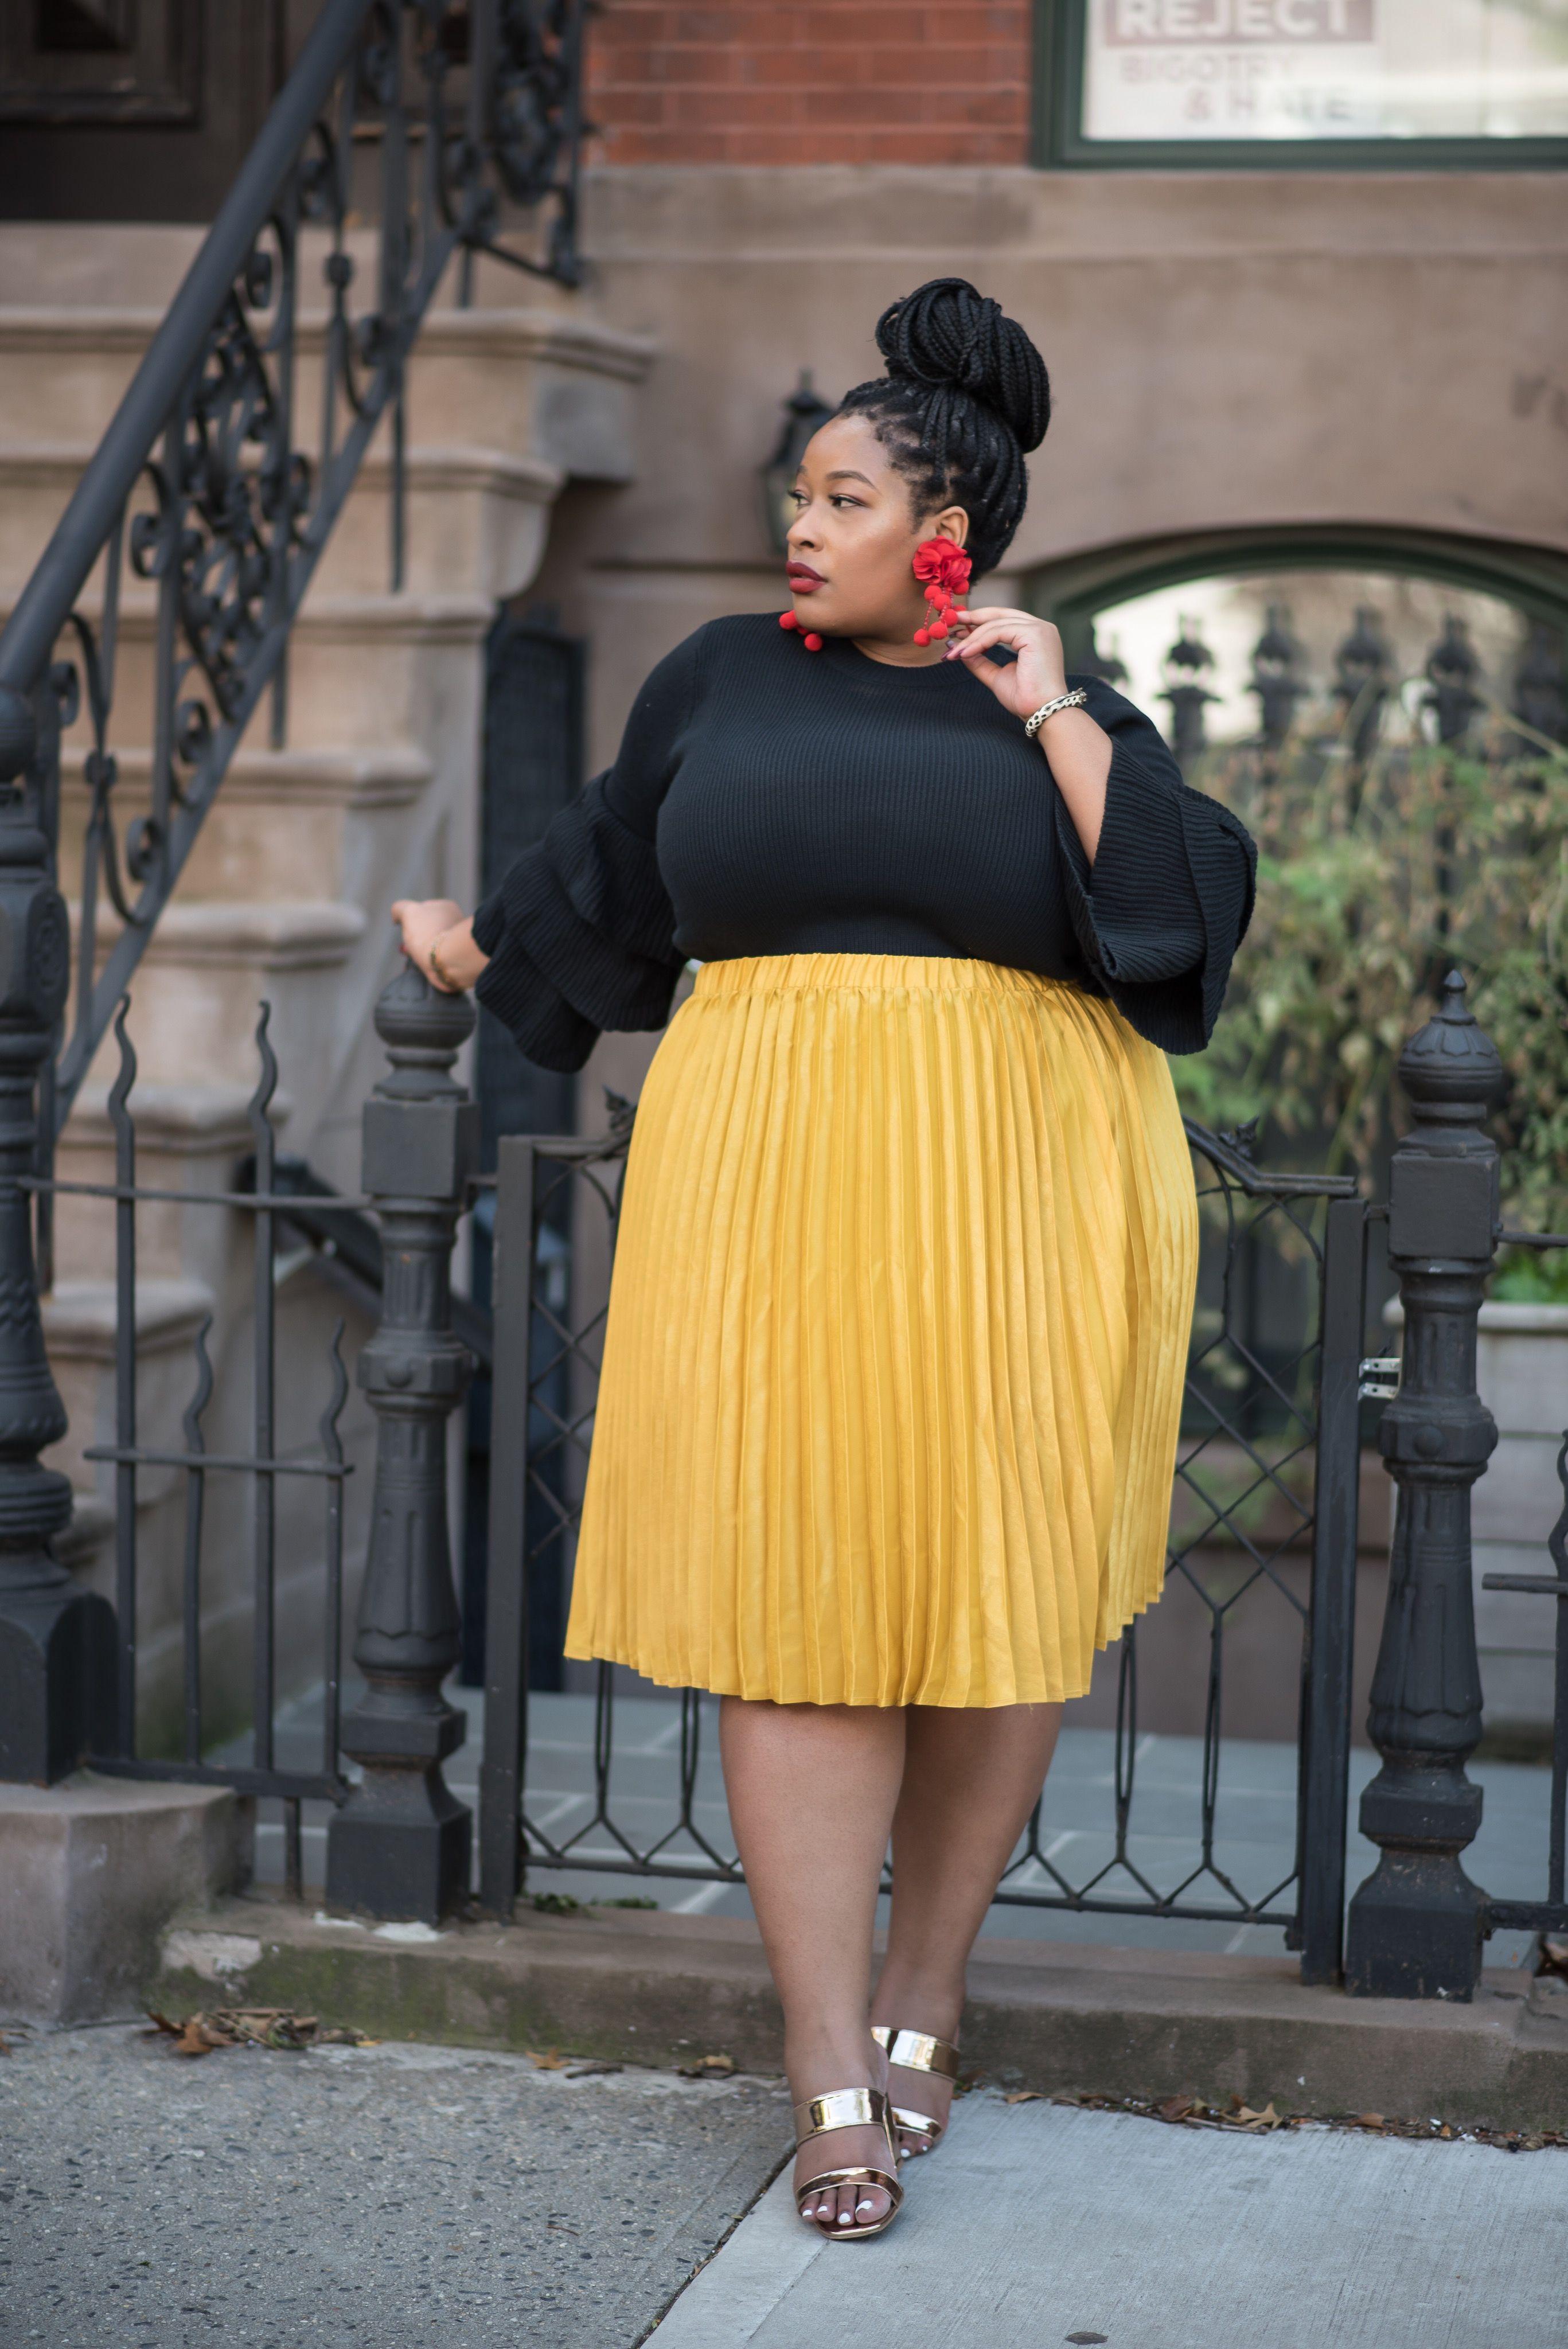 1669a7b8f2 Plus Size Fashion for Women - Essie Golden | Fashion | Moda para ...